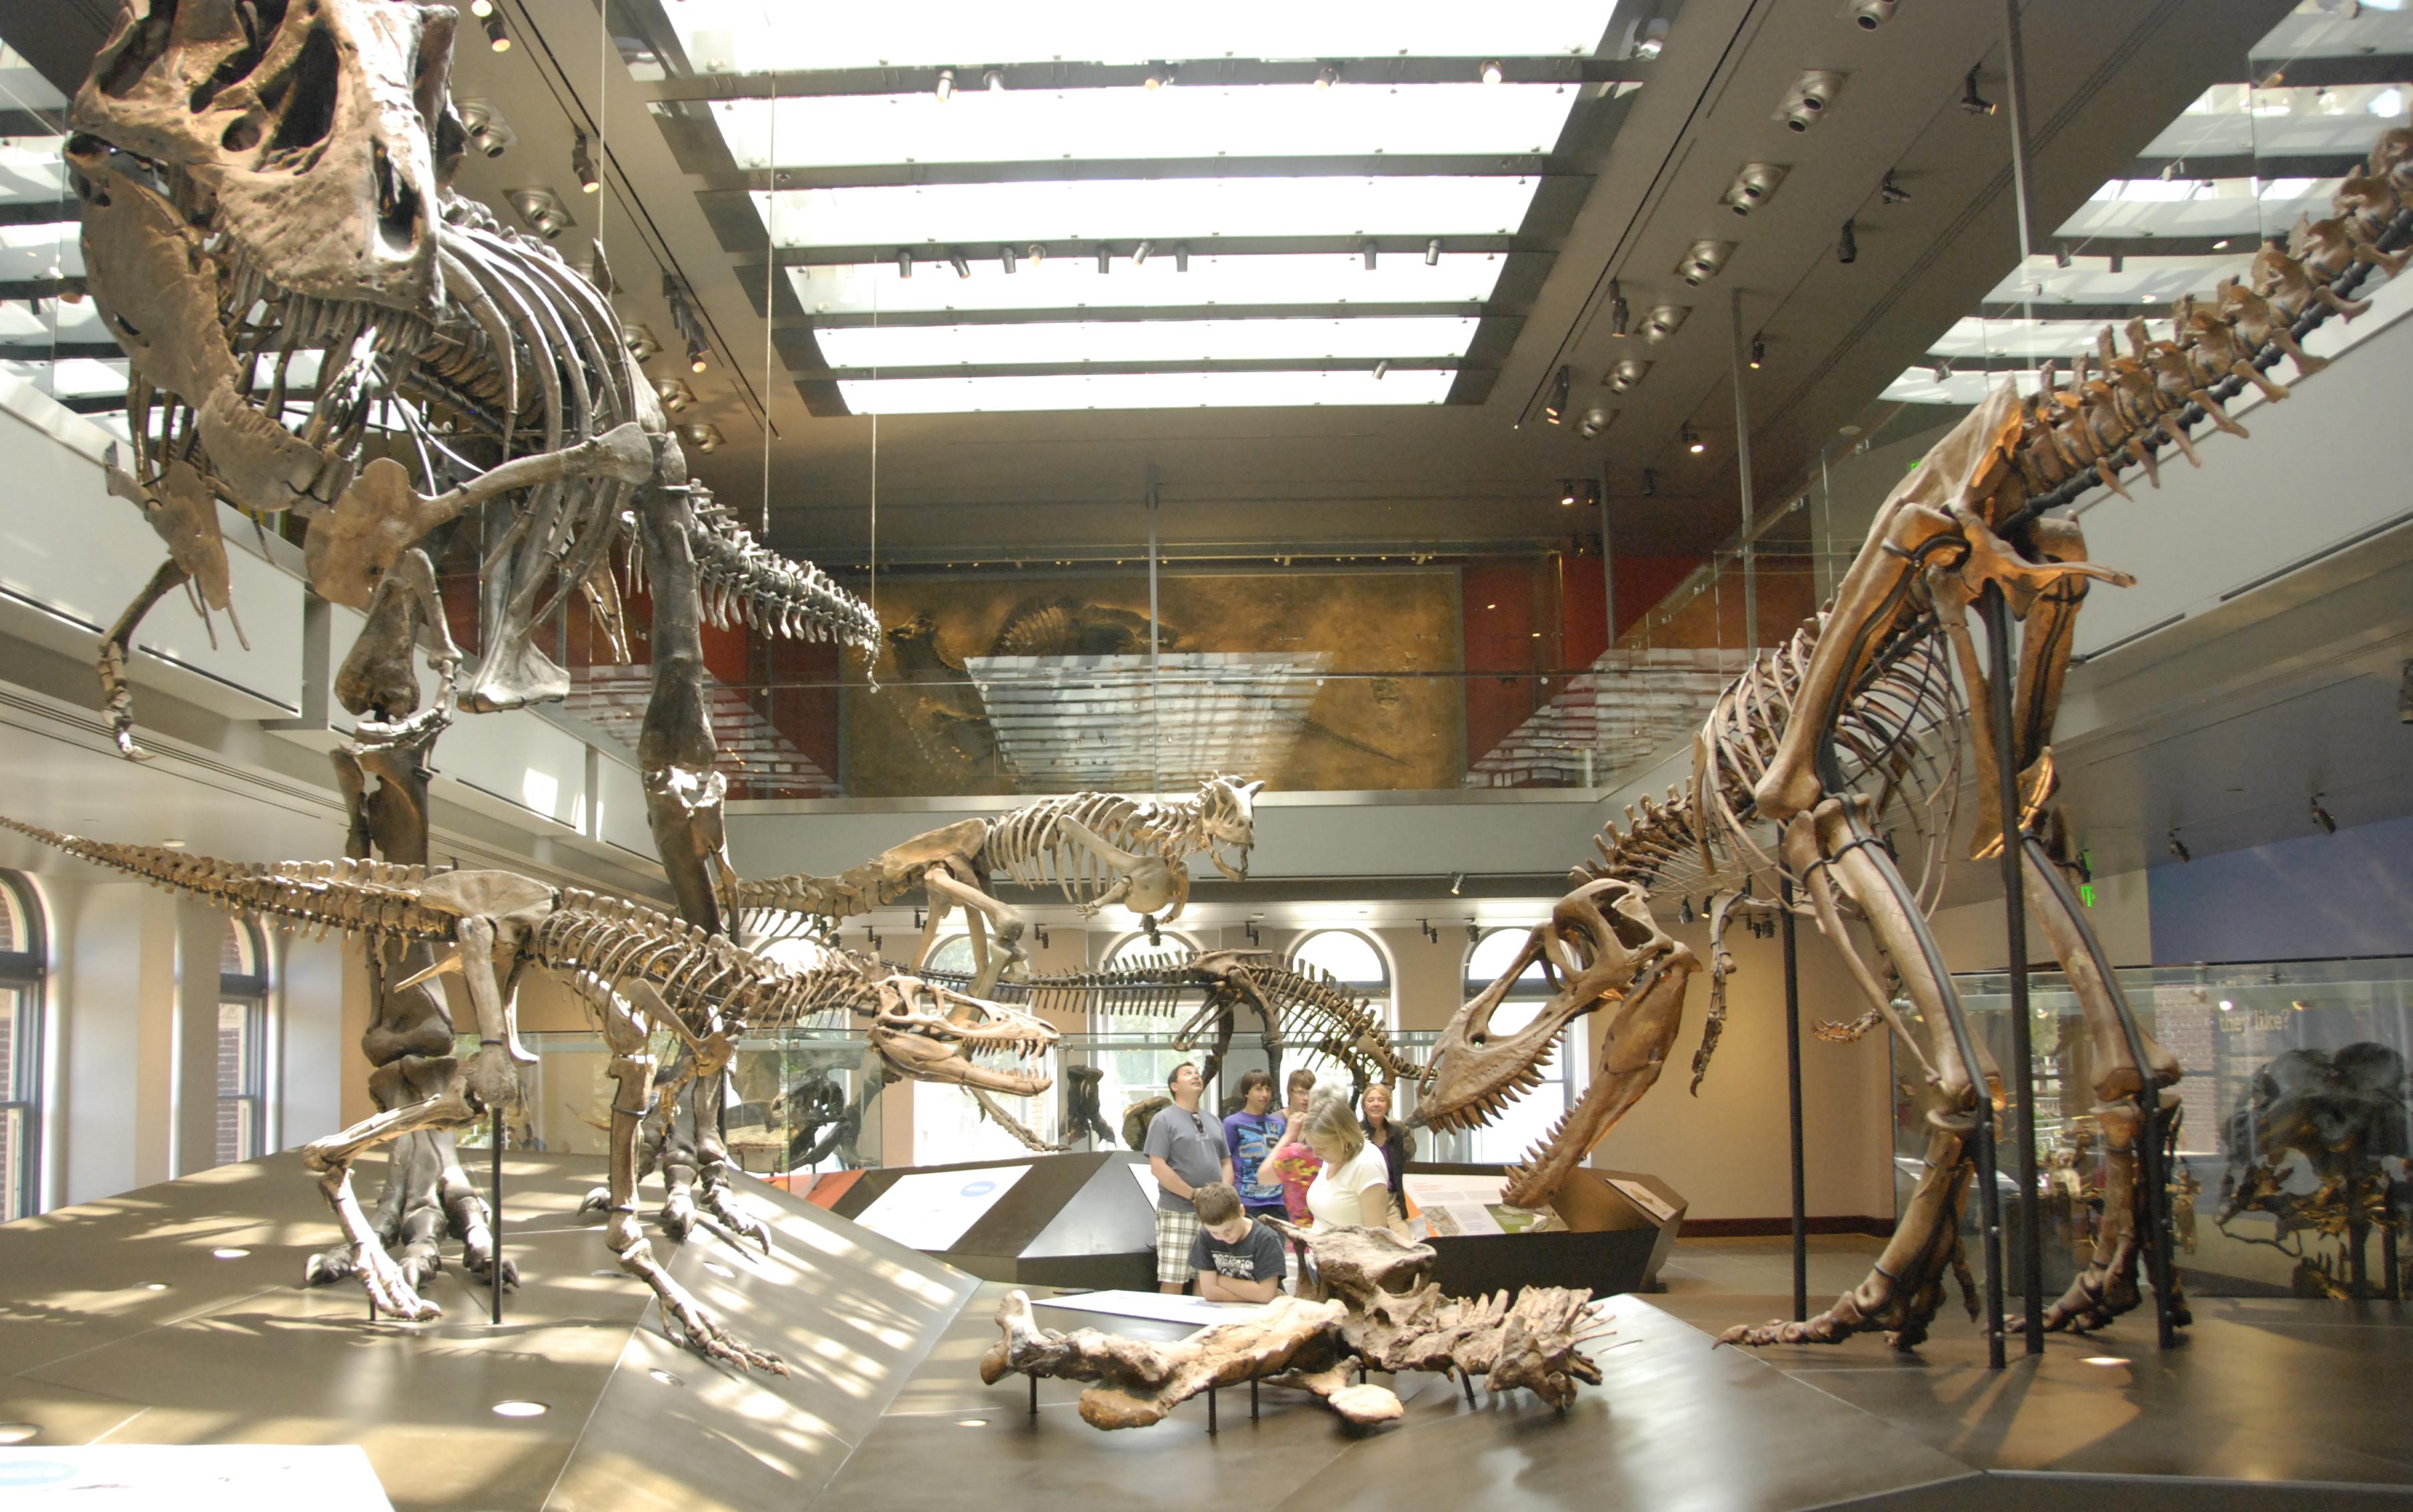 Expozici Muzea přírodní historie v Los Angeles doplňují hned tři jedinci druhu T. rex v různých stadiích ontogeneze. Koprolit z Kanady patřil nepochybně dospělému nebo přinejmenším odrostlému subadultnímu jedinci. Dinosaurus, který se stal jeho kořis